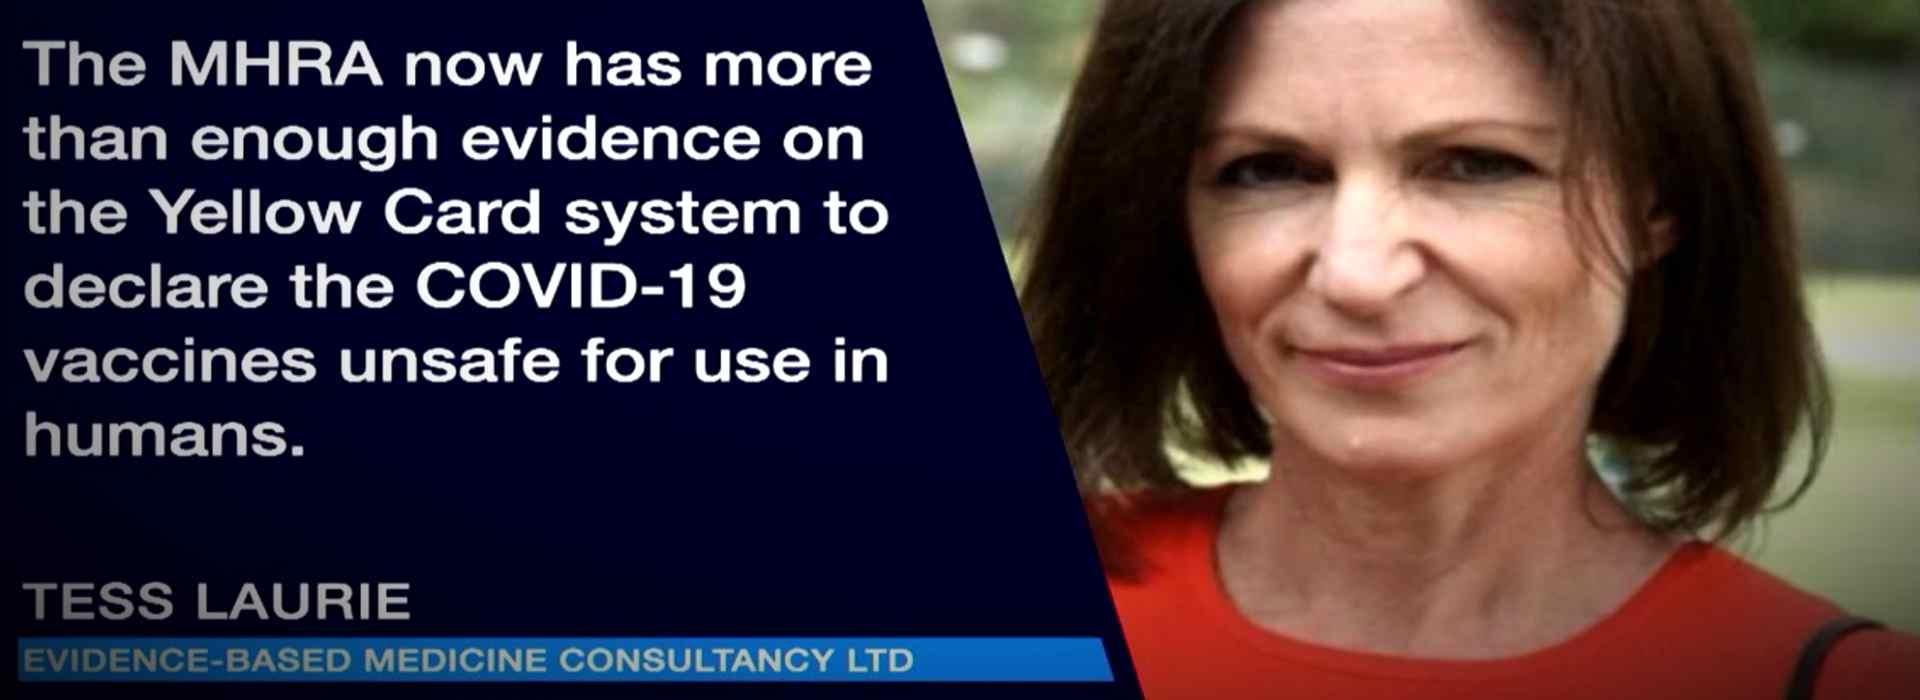 """Covid-19: """"Le vaccinazioni vanno fermate"""". Il rapporto inglese della Evidence-Based Medicine Consultancy Ltd"""